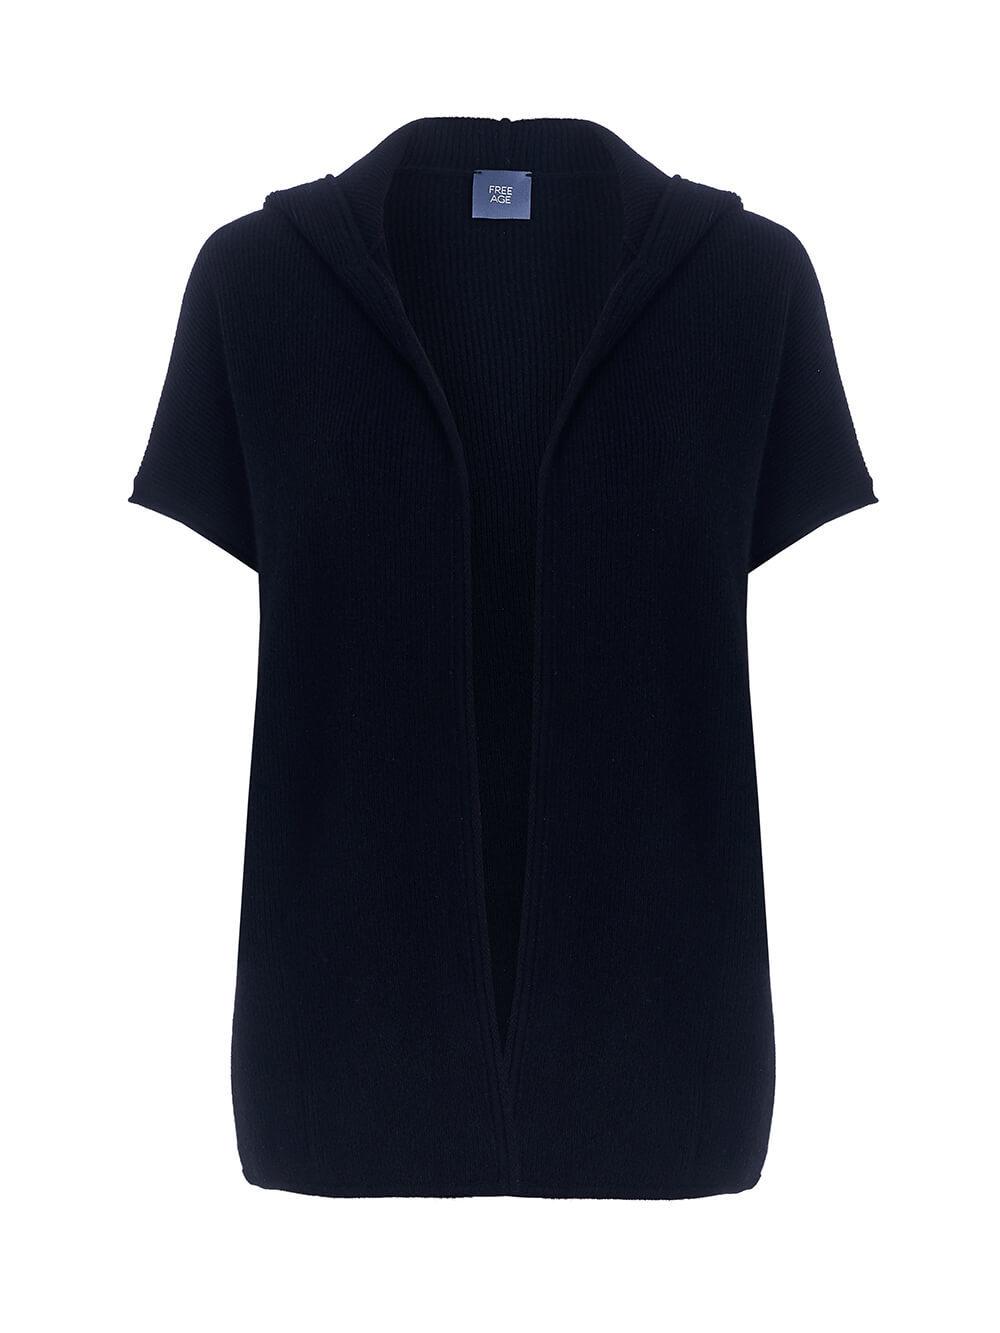 Женский жилет черного цвета из 100% кашемира - фото 1